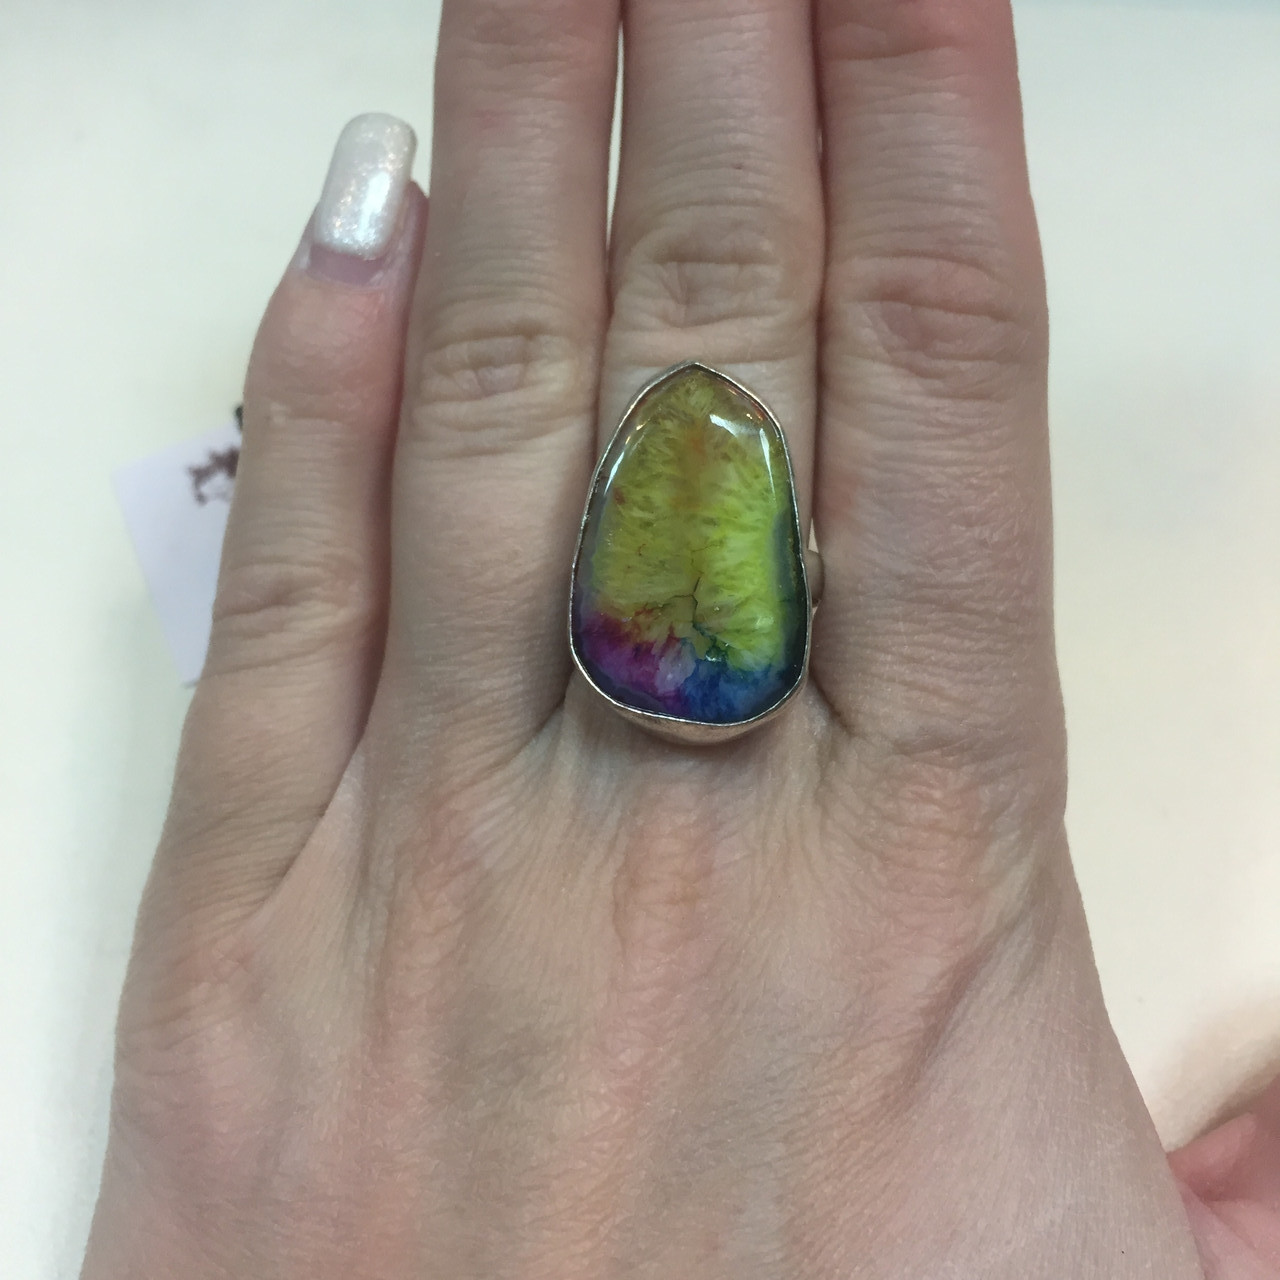 Солнечный кварц радужный кольцо с натуральным радужным кварцем в серебре 18,5-19 размер Индия